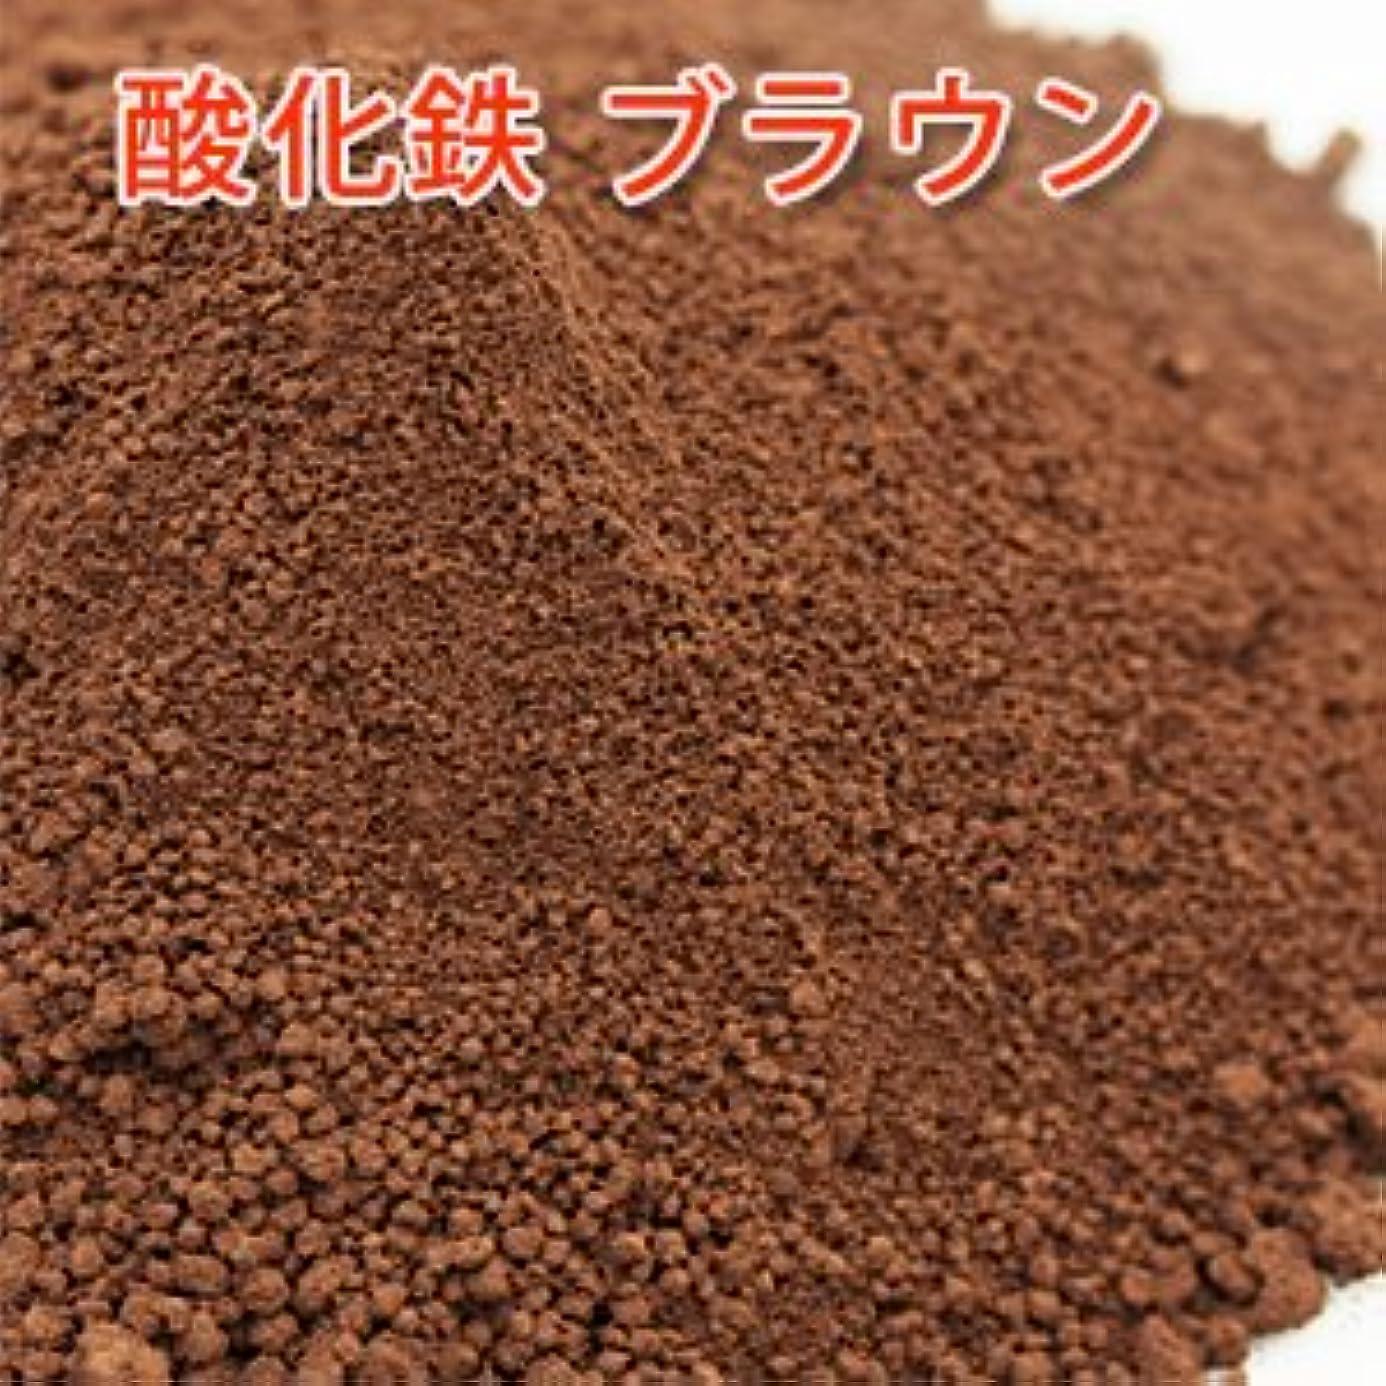 囲む注文内陸酸化鉄 ブラウン 5g 【手作り石鹸/手作りコスメ/色付け/カラーラント/茶】